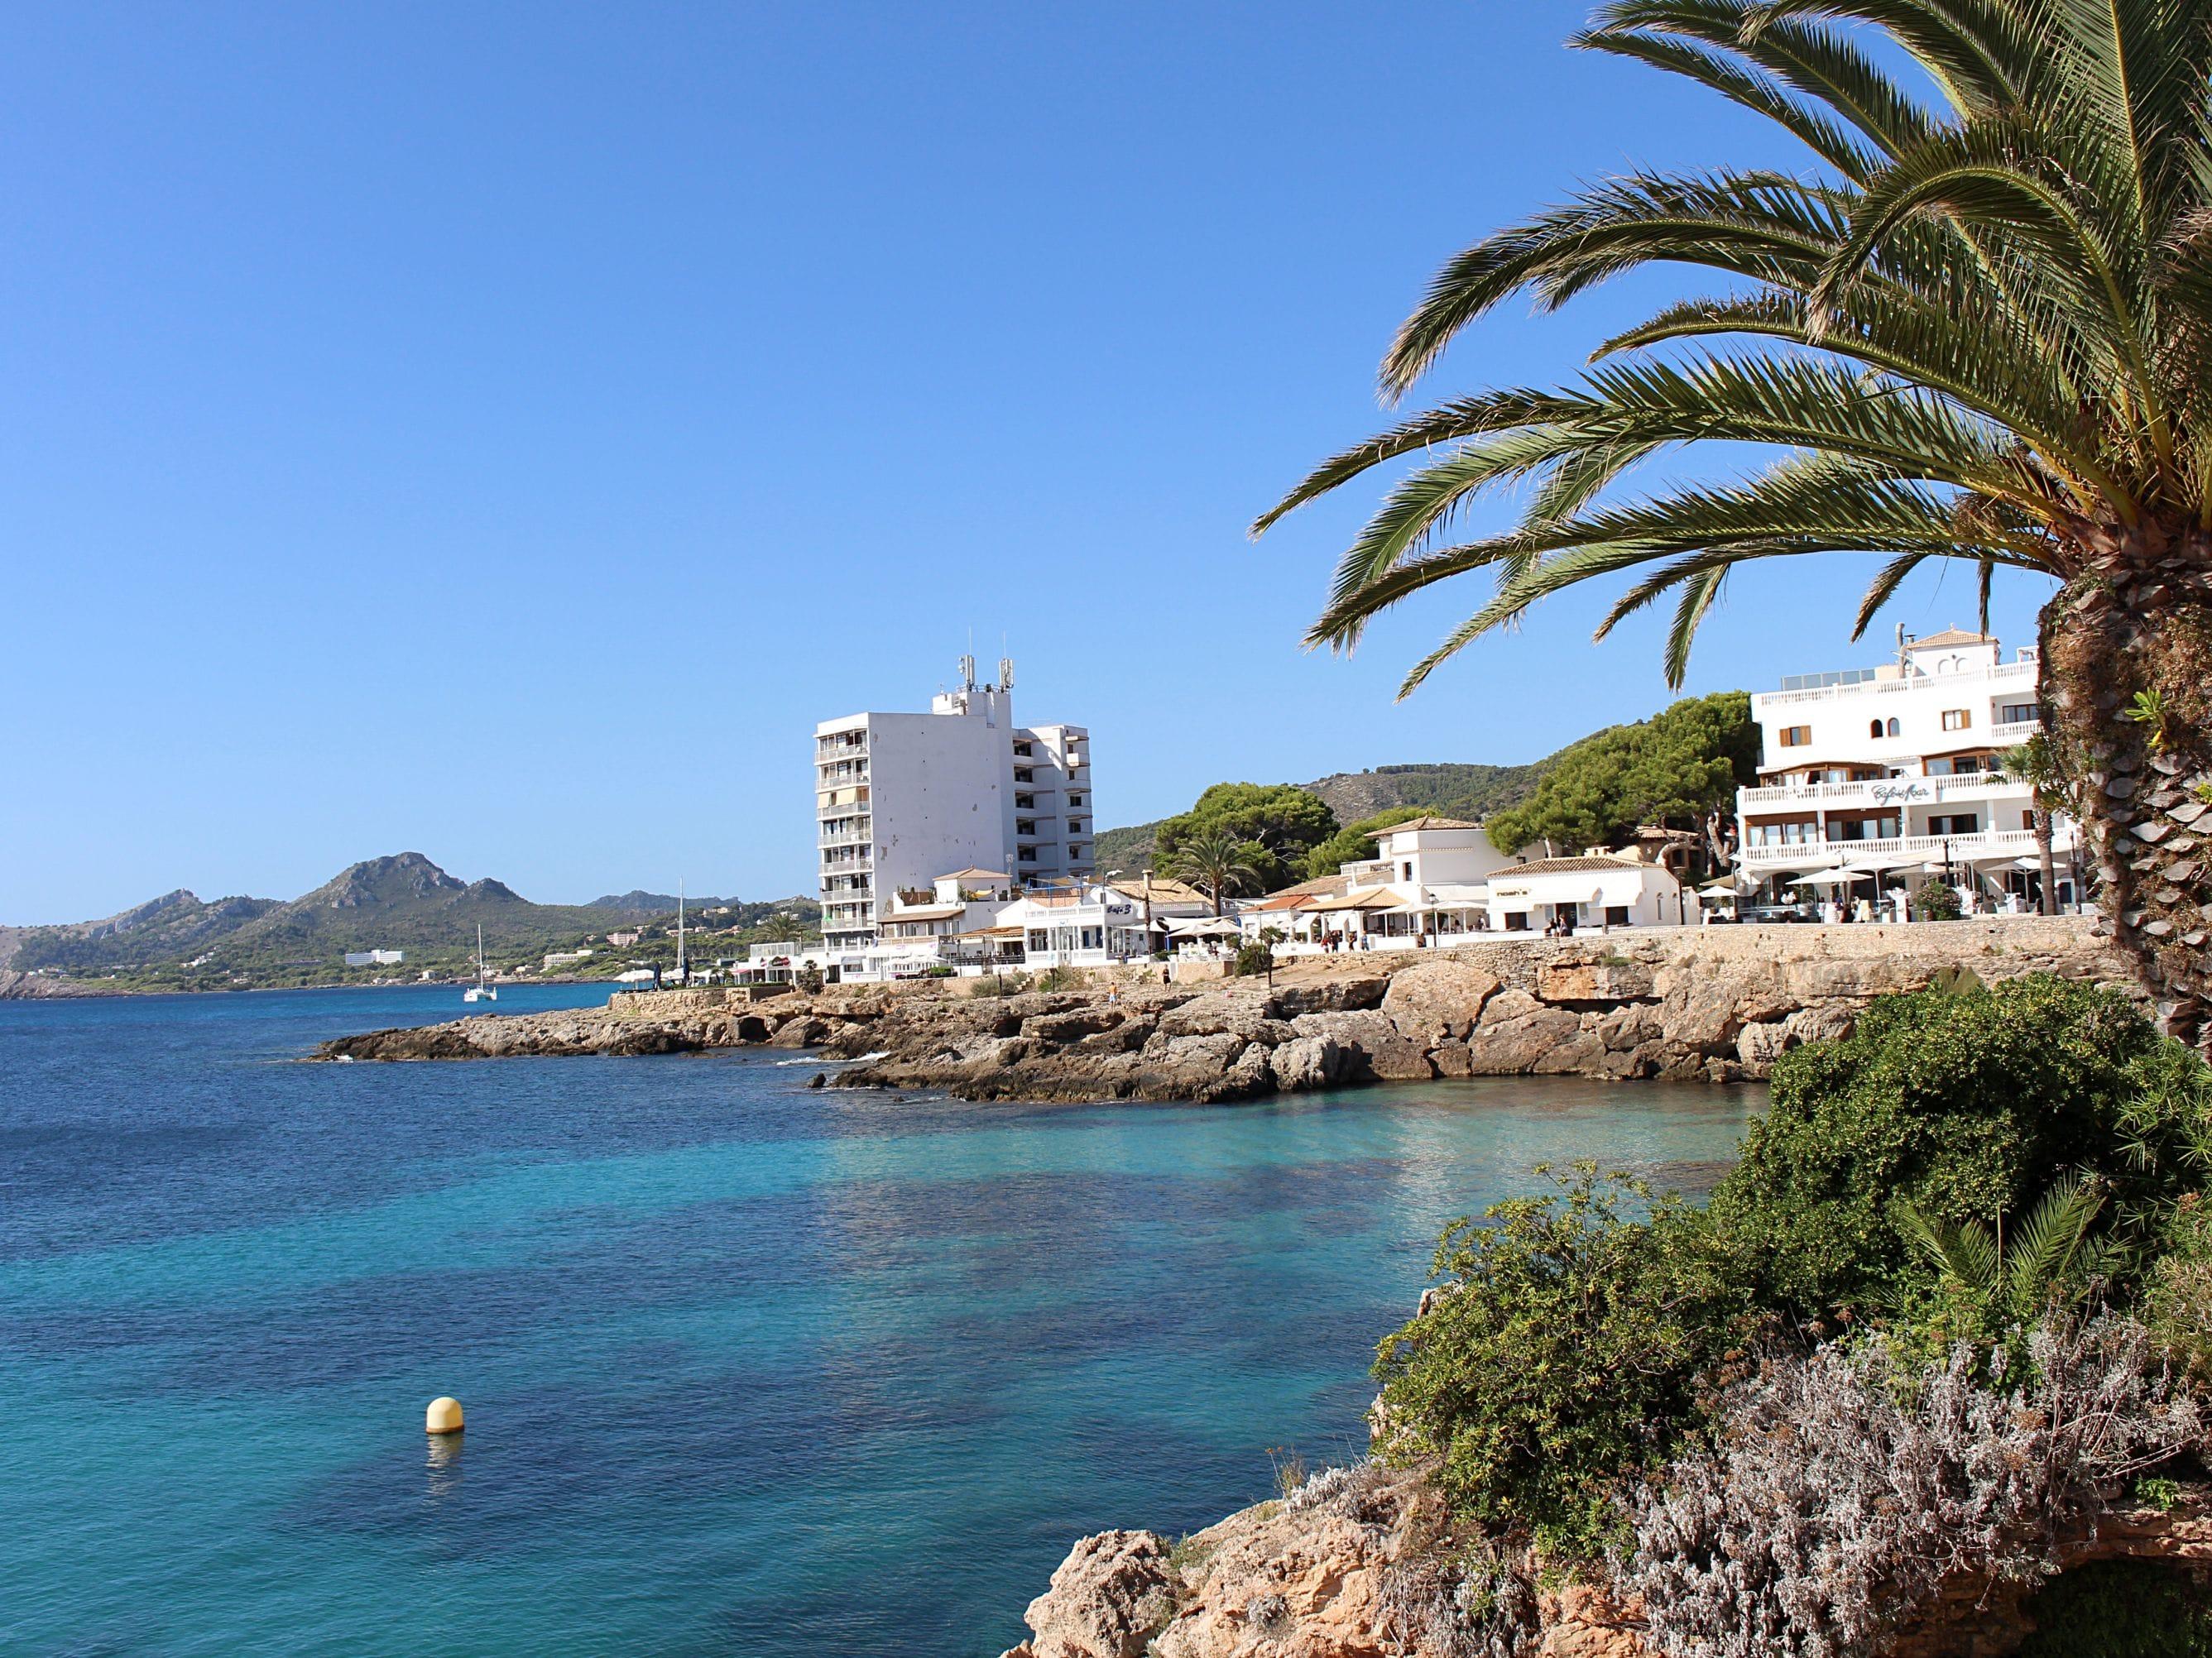 Cala Ratjada,Cala-Santanyi1aa, Christinas, fitlife, blog, fitness, ernährung, lifestyle, rezepte, Mallorca